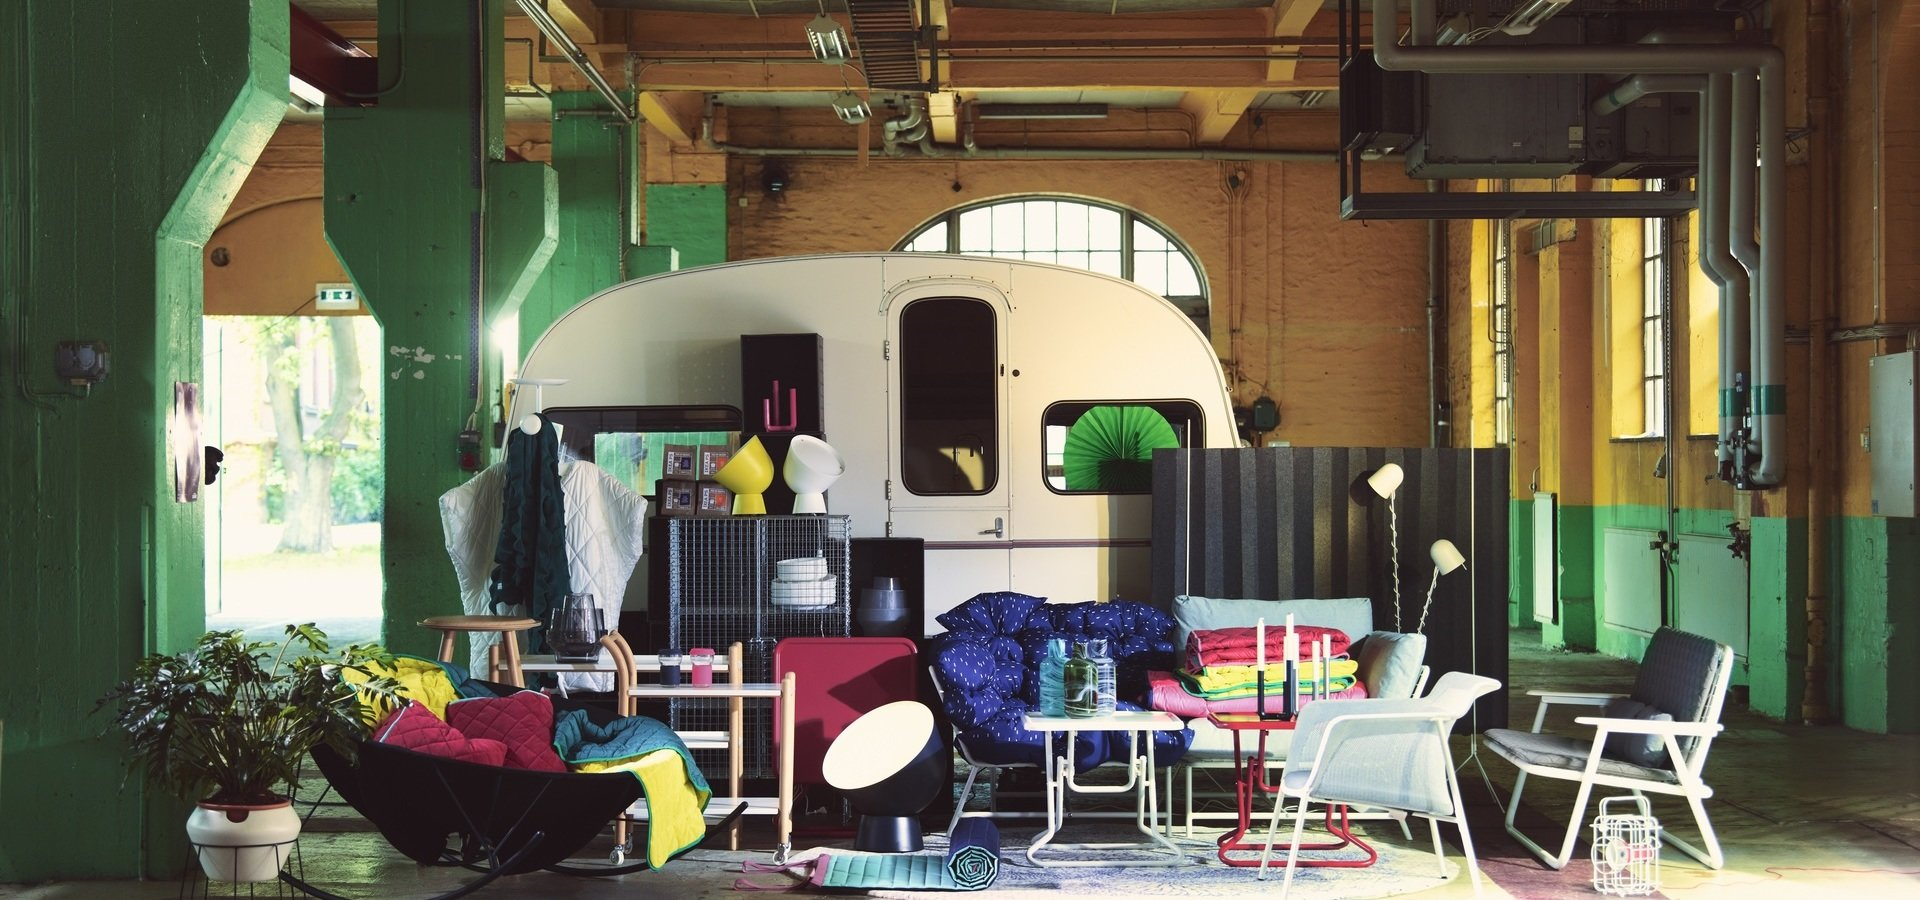 Uwolnij się! Najnowsza kolekcja IKEA PS 2017 stworzona dla kochających niezależność